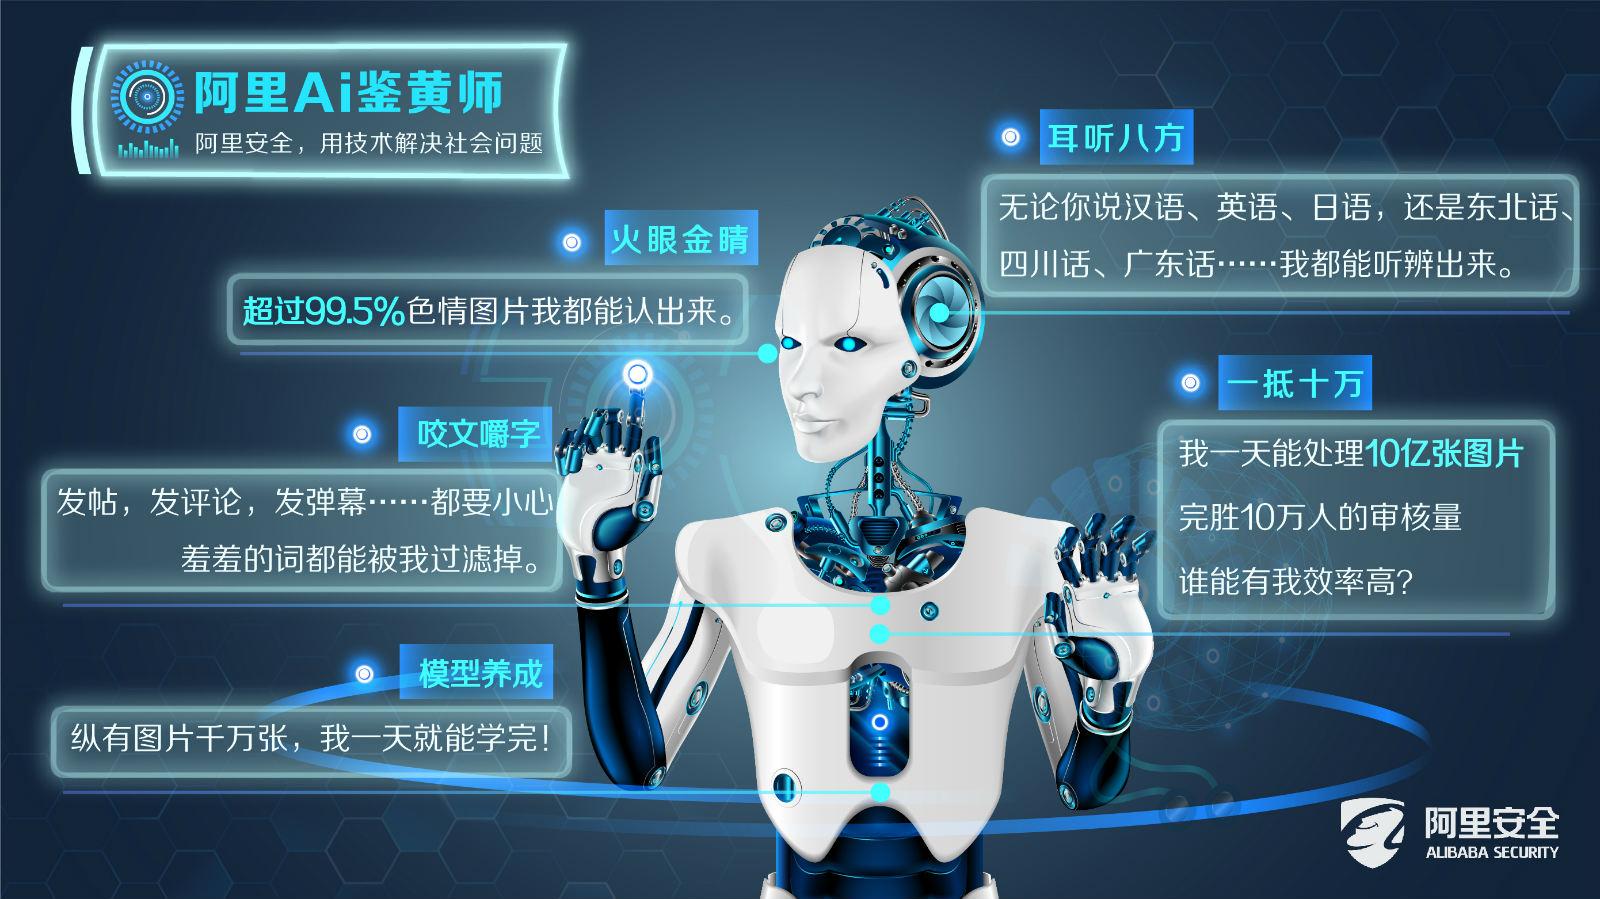 图说:基于安全AI理念,阿里安全图灵实验室推出的AI鉴黄师可识别图片、弹幕、语音等多维度信息_meitu_3